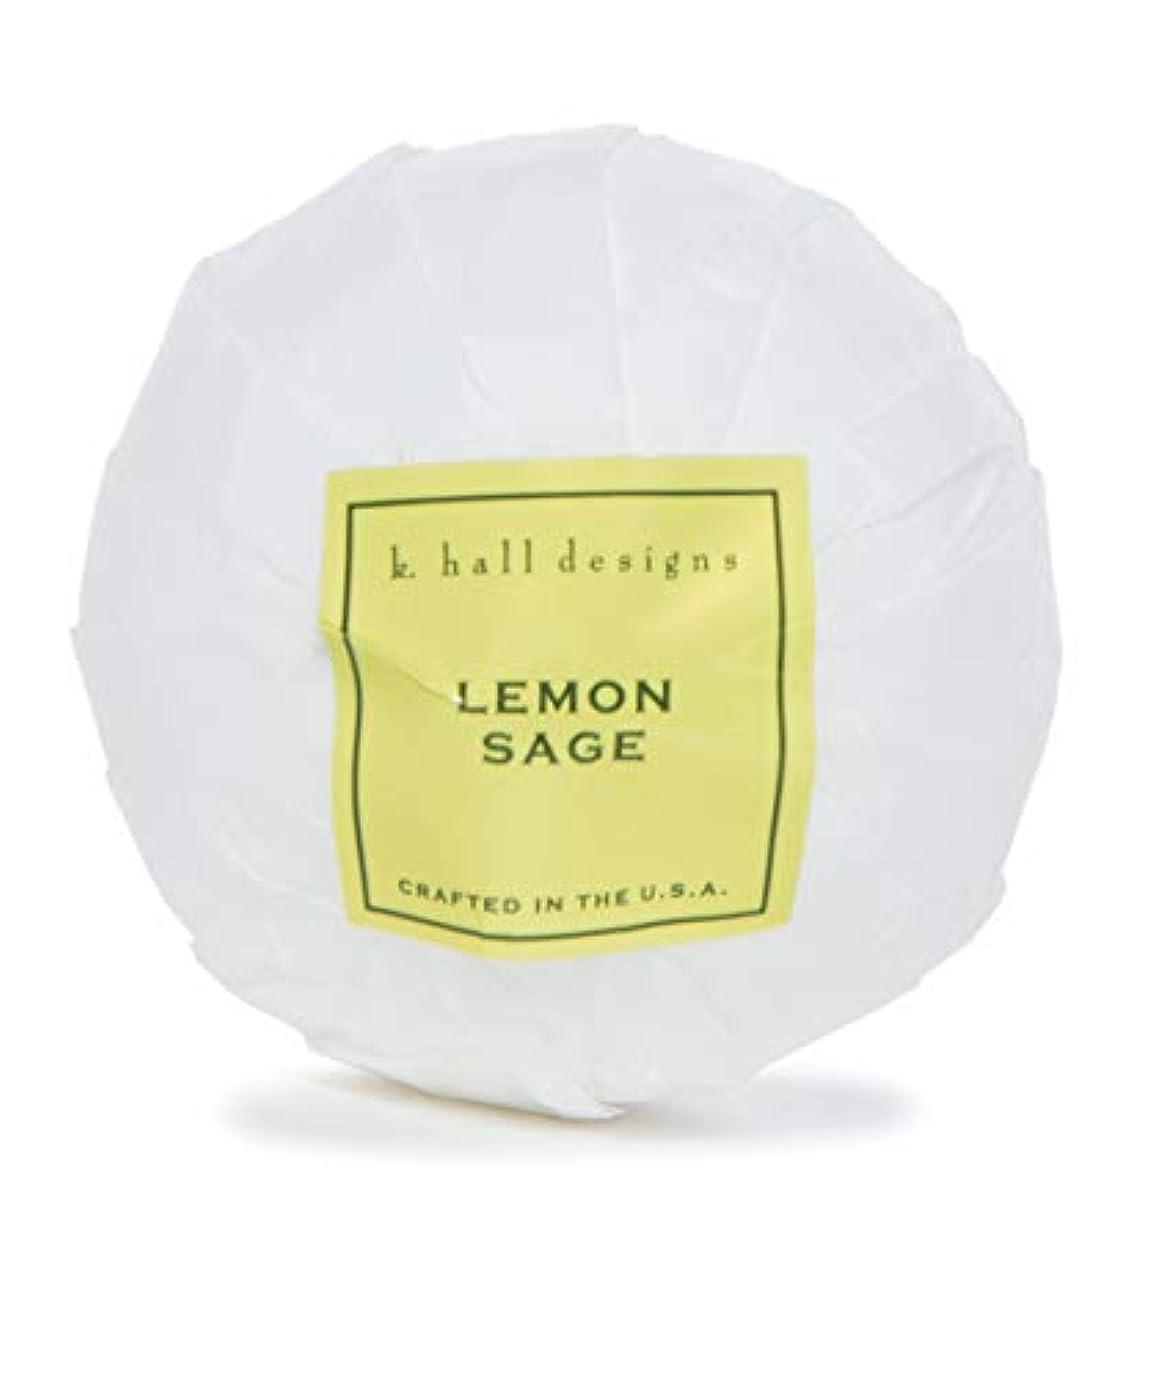 わざわざプロペラ前件k.hall designs/バスボム(入浴剤) レモンセージ